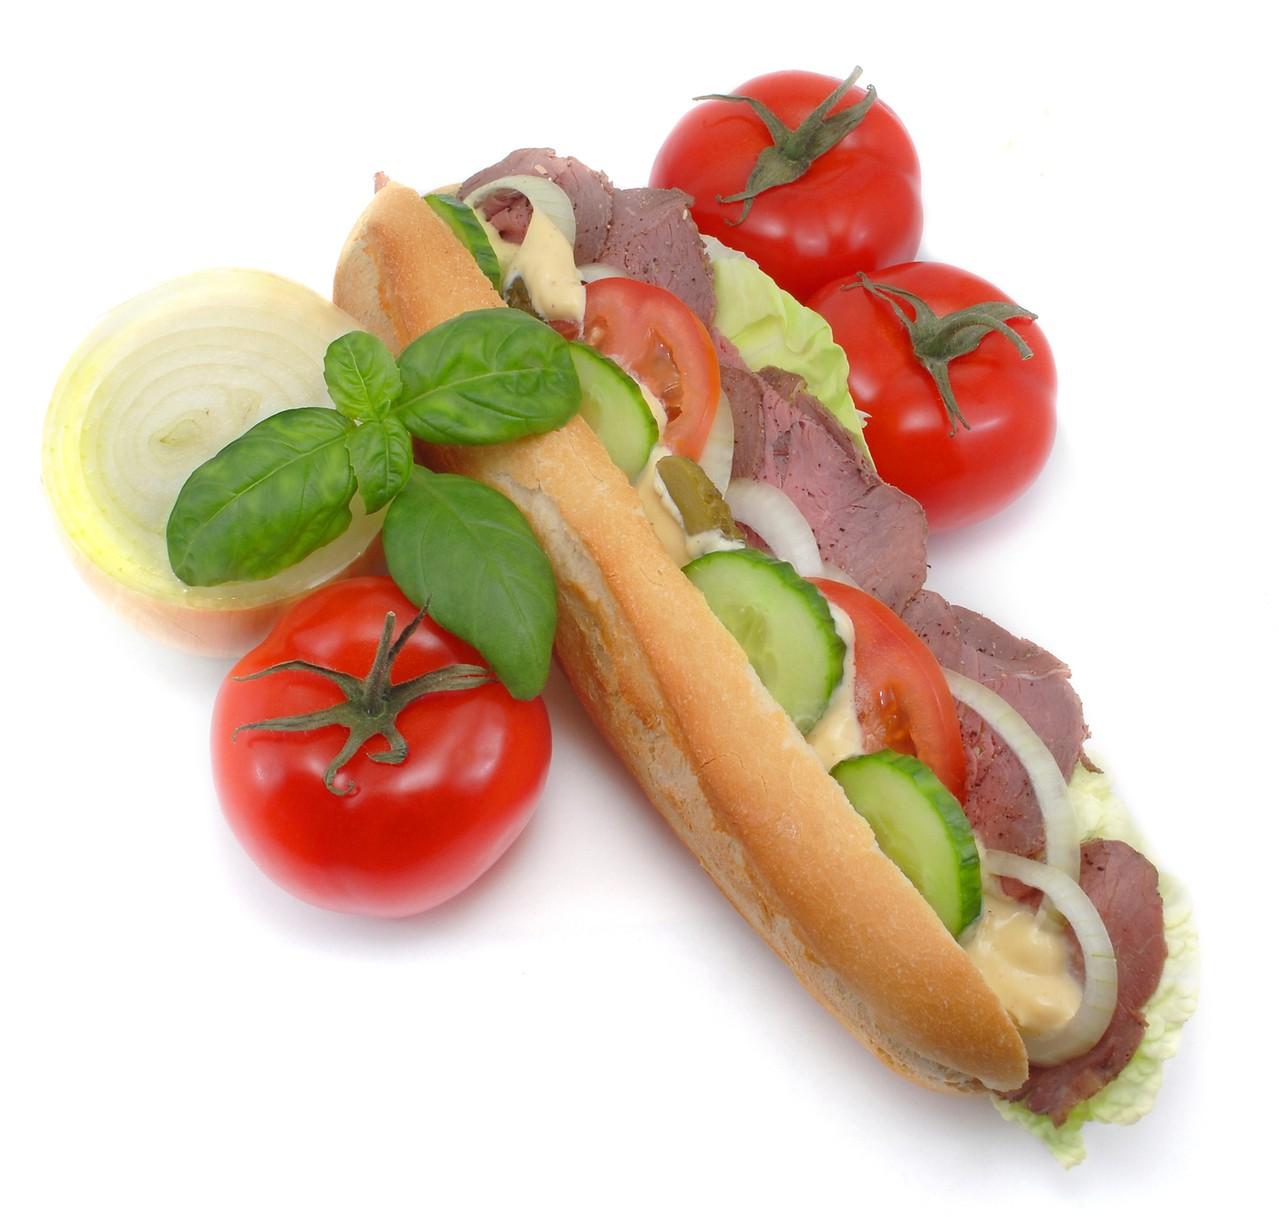 Dieta prowadzona przez catering – wady i zalety